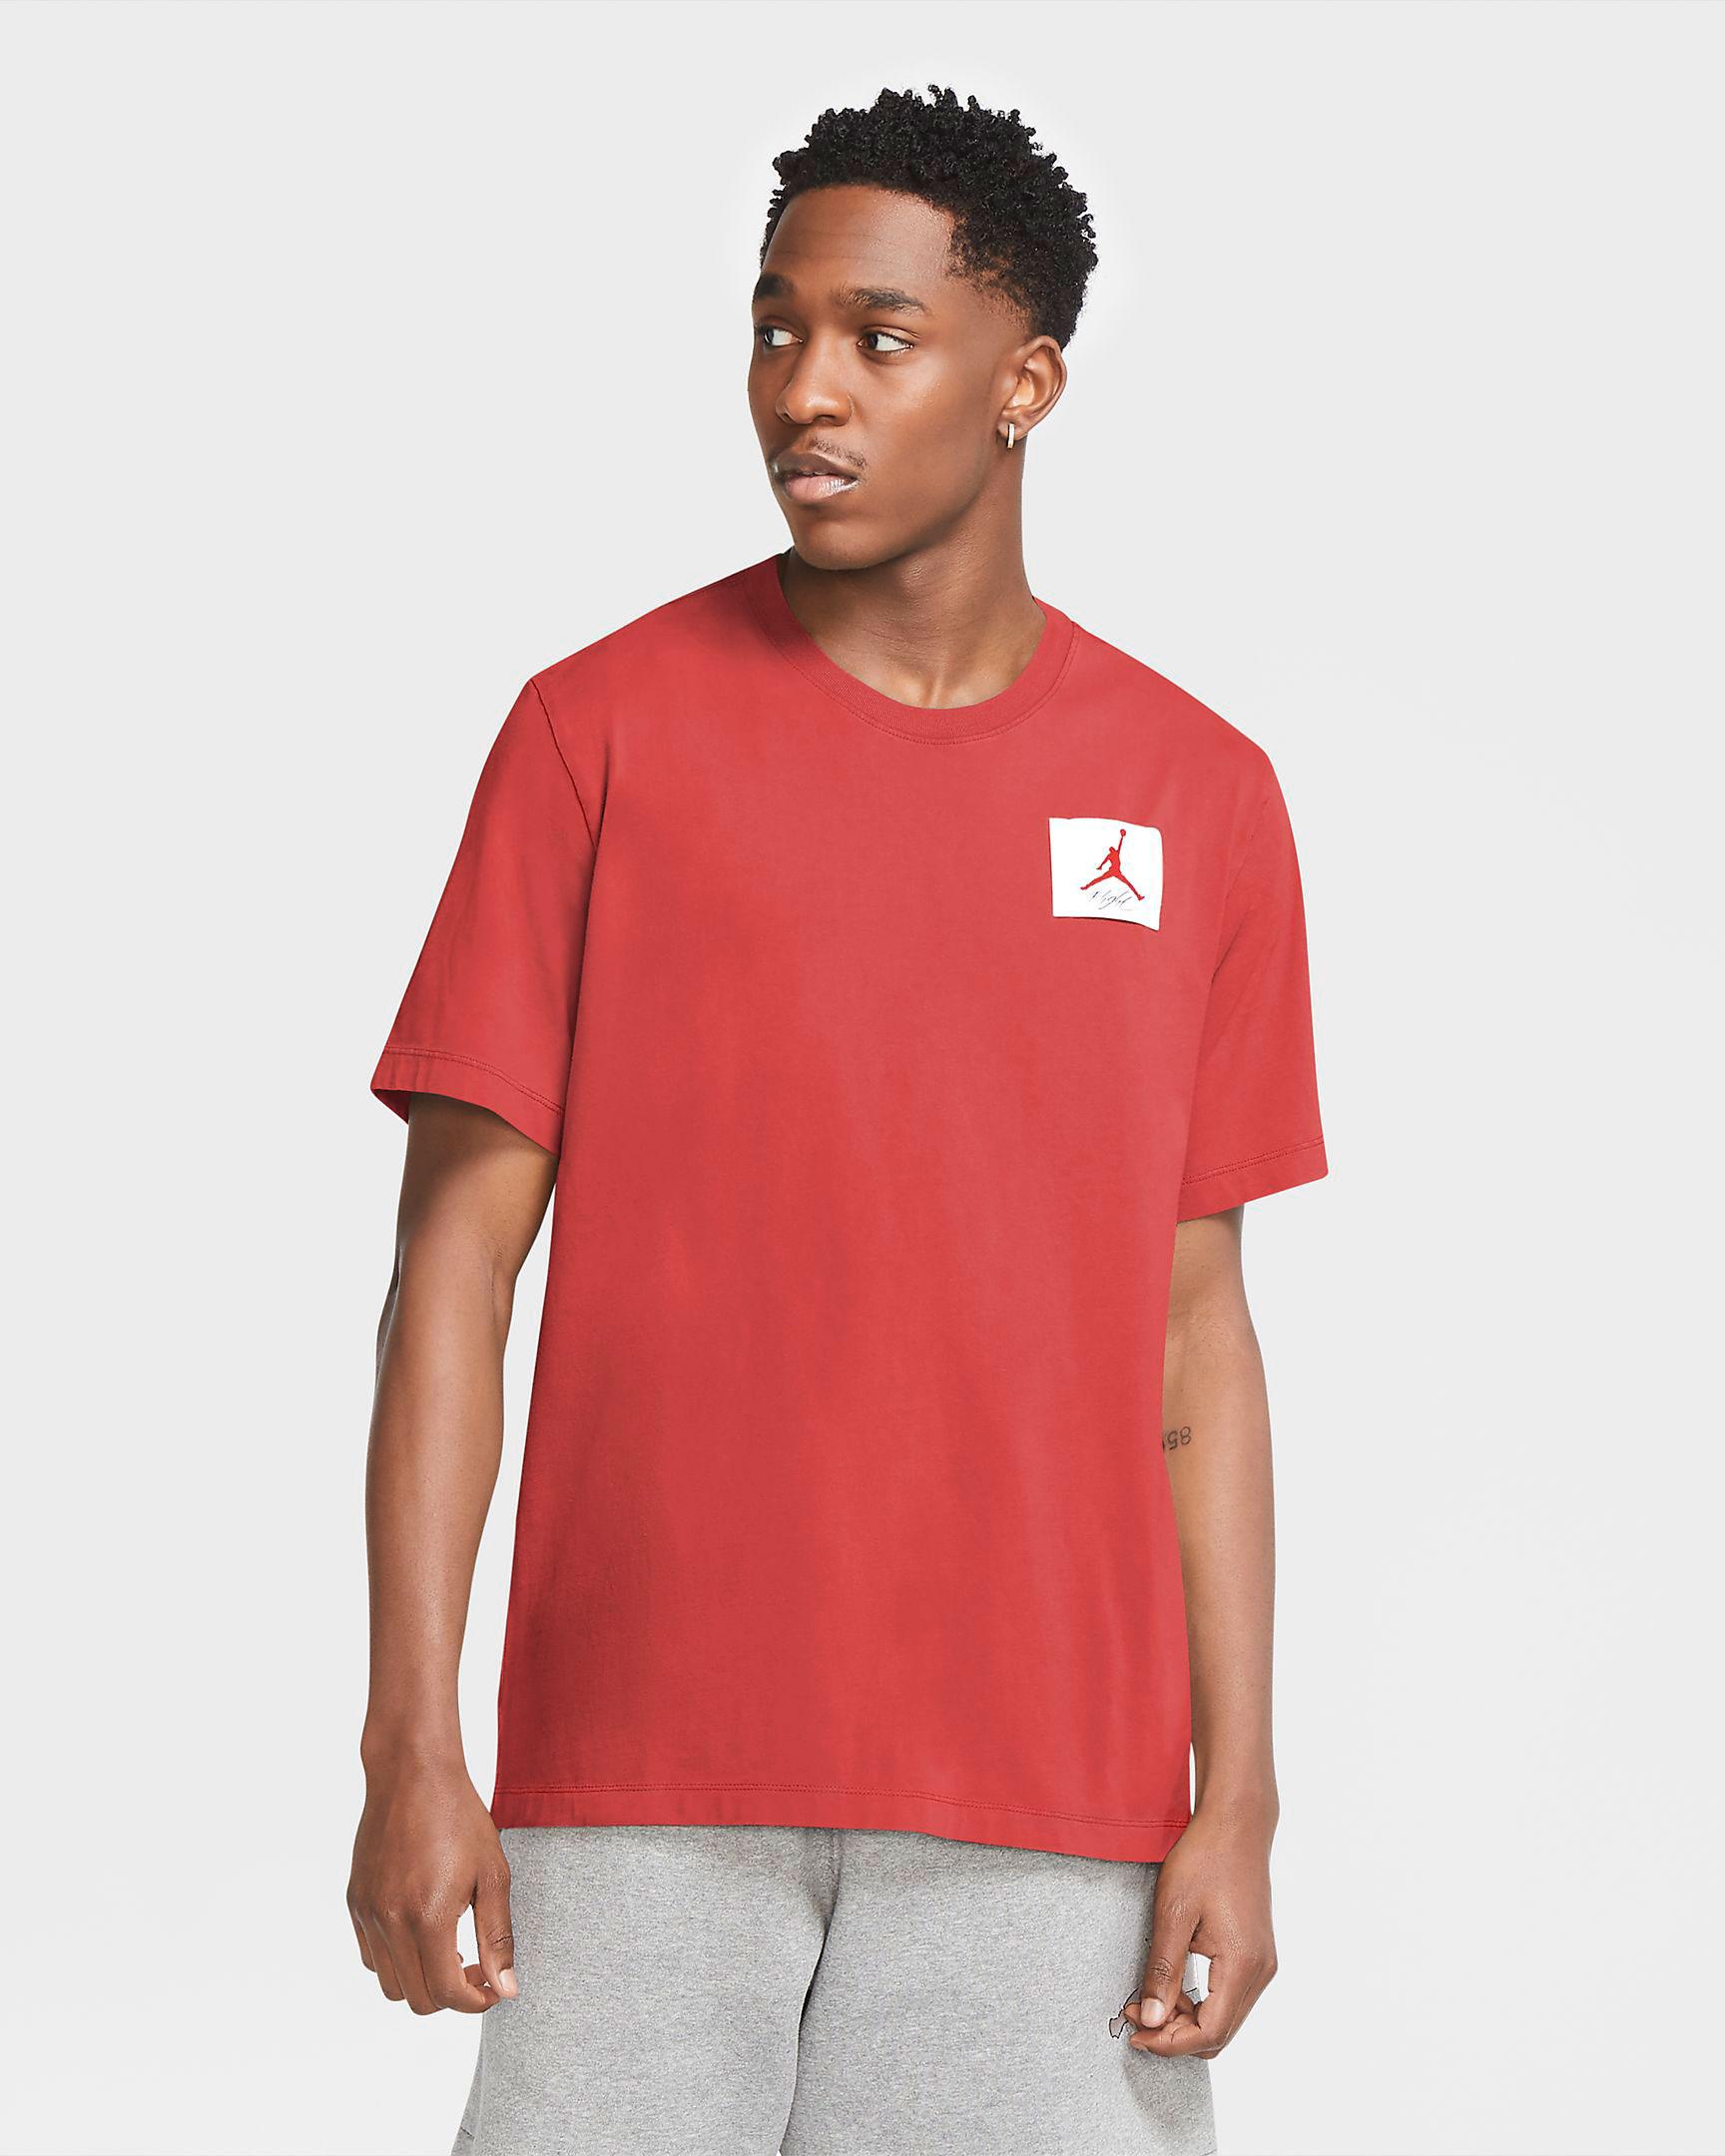 air-jordan-1-mid-track-red-shirt-match